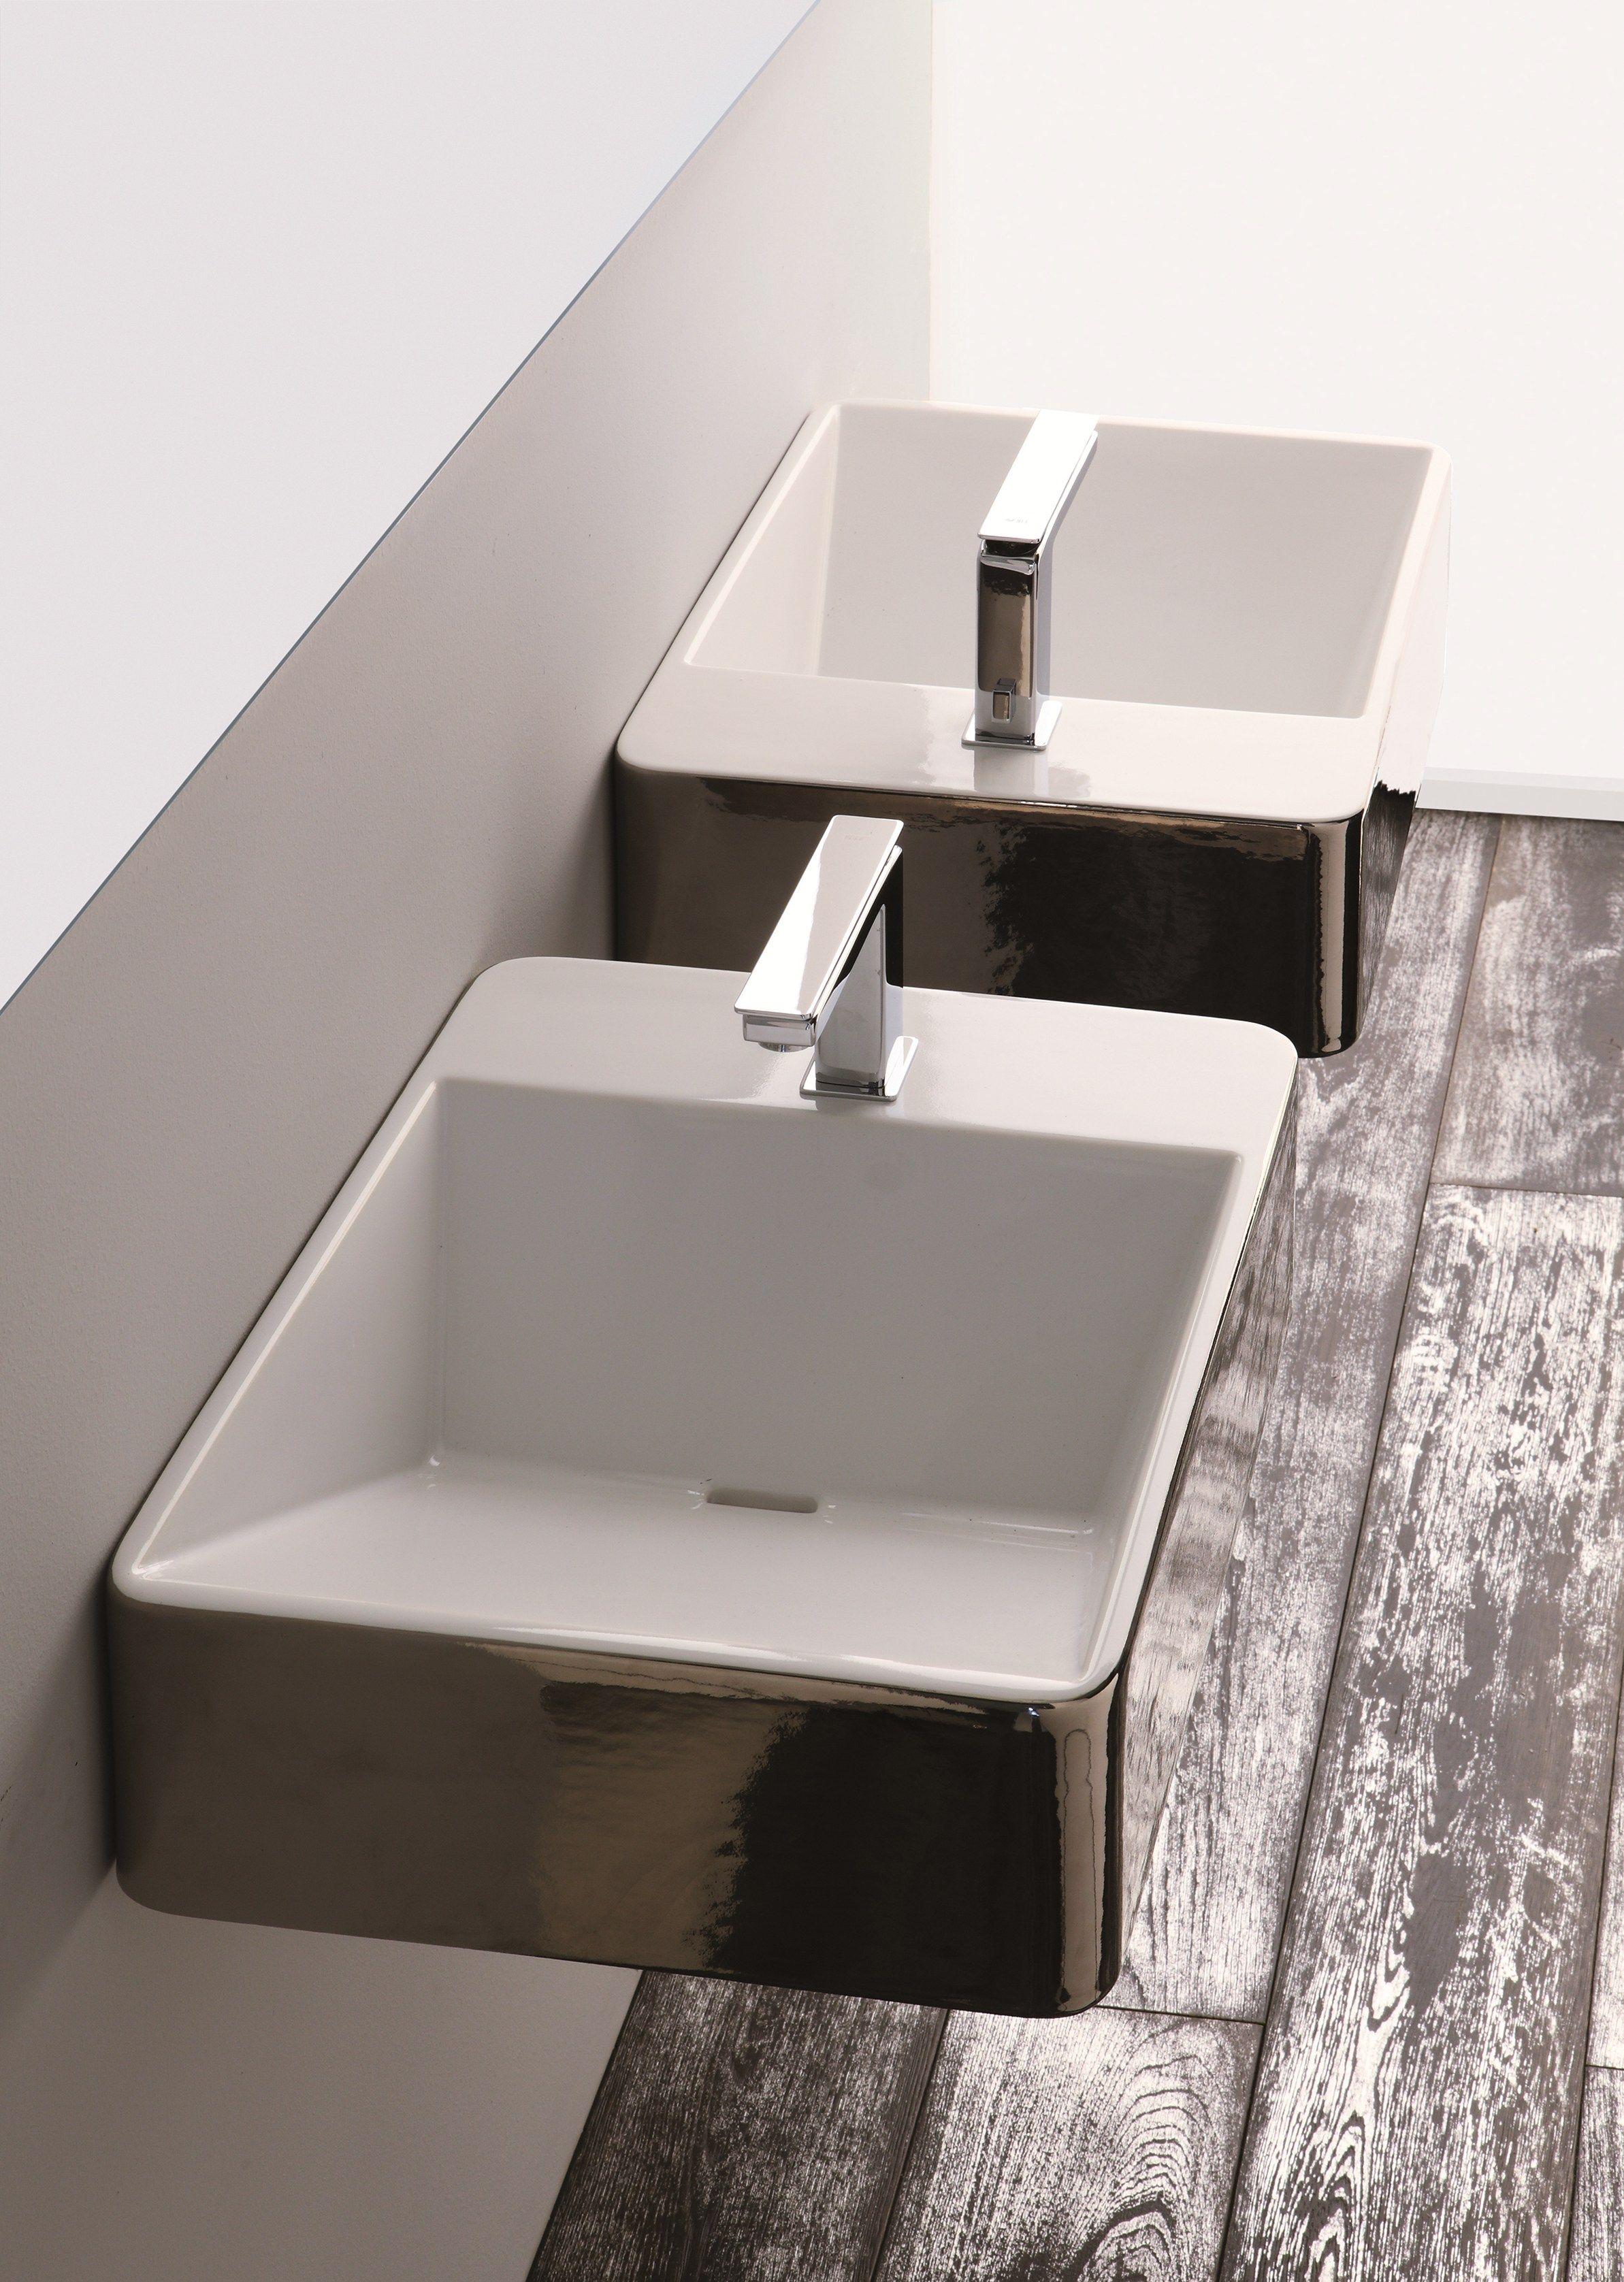 Lavabi d 39 arredo lavabo rettangolare by olympia ceramica for Lavabi d arredo